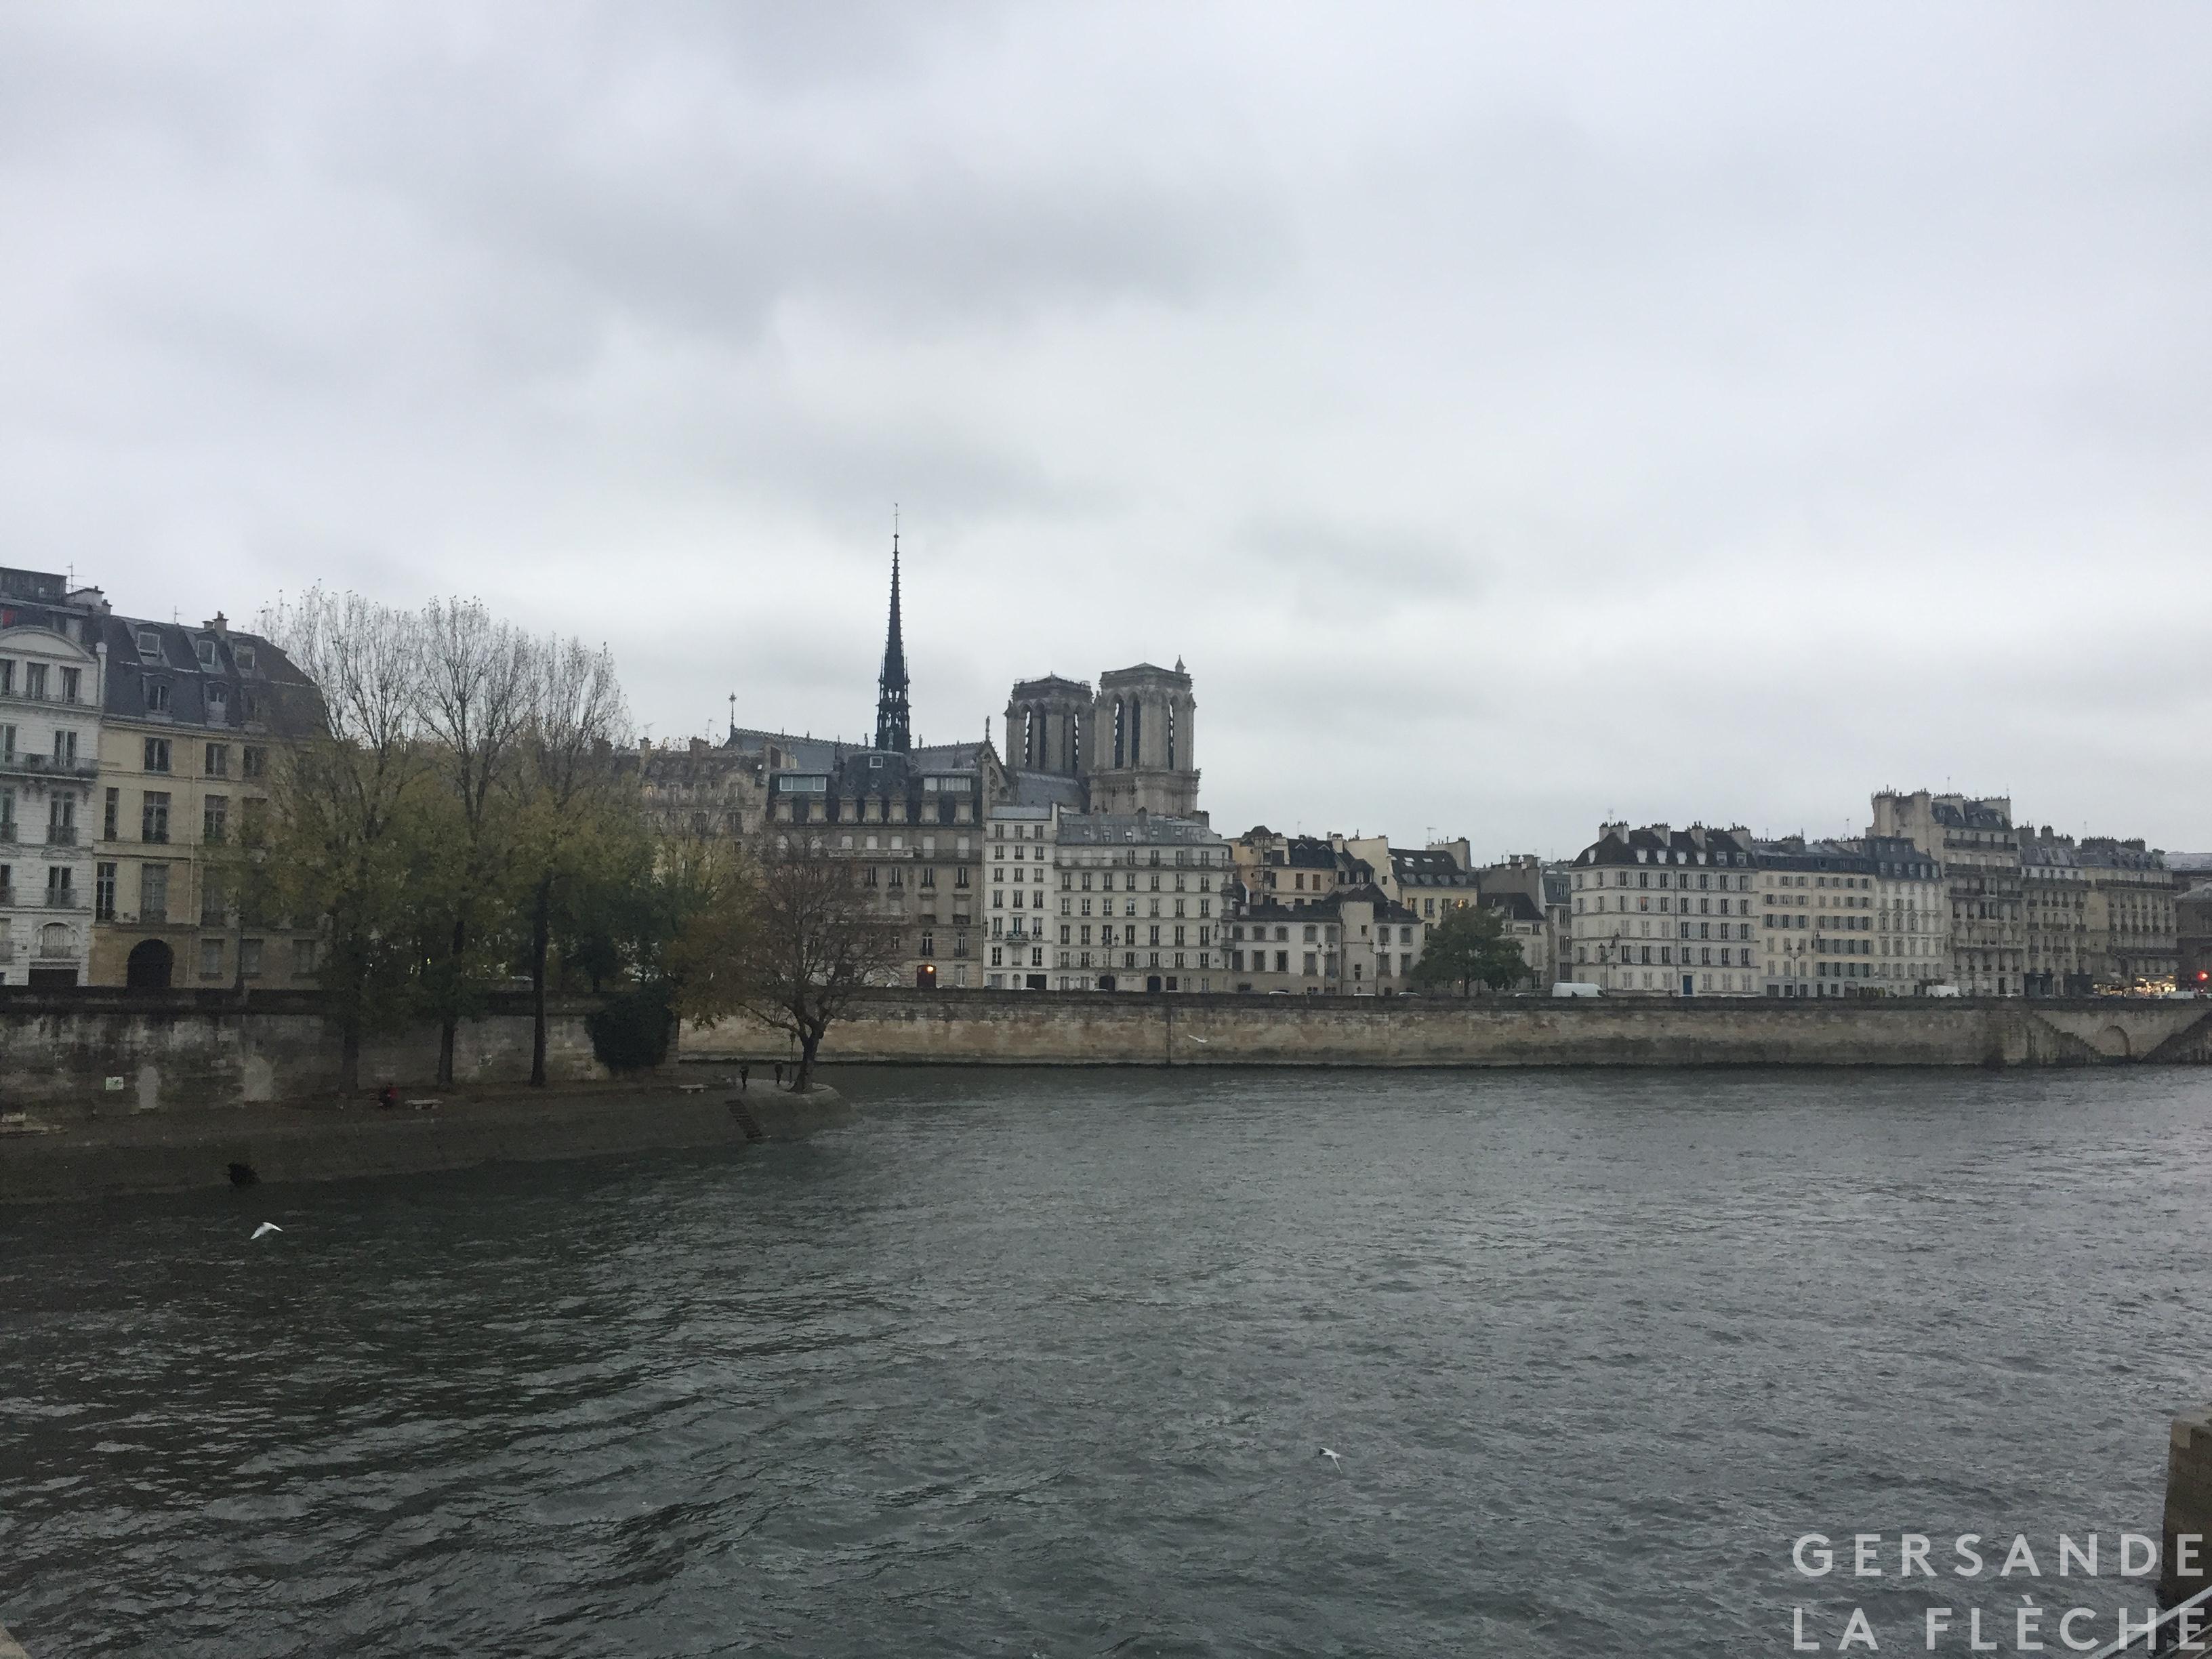 The view of Notre Dame de Paris across the river from Île Saint-Louis and Île de la Cité.